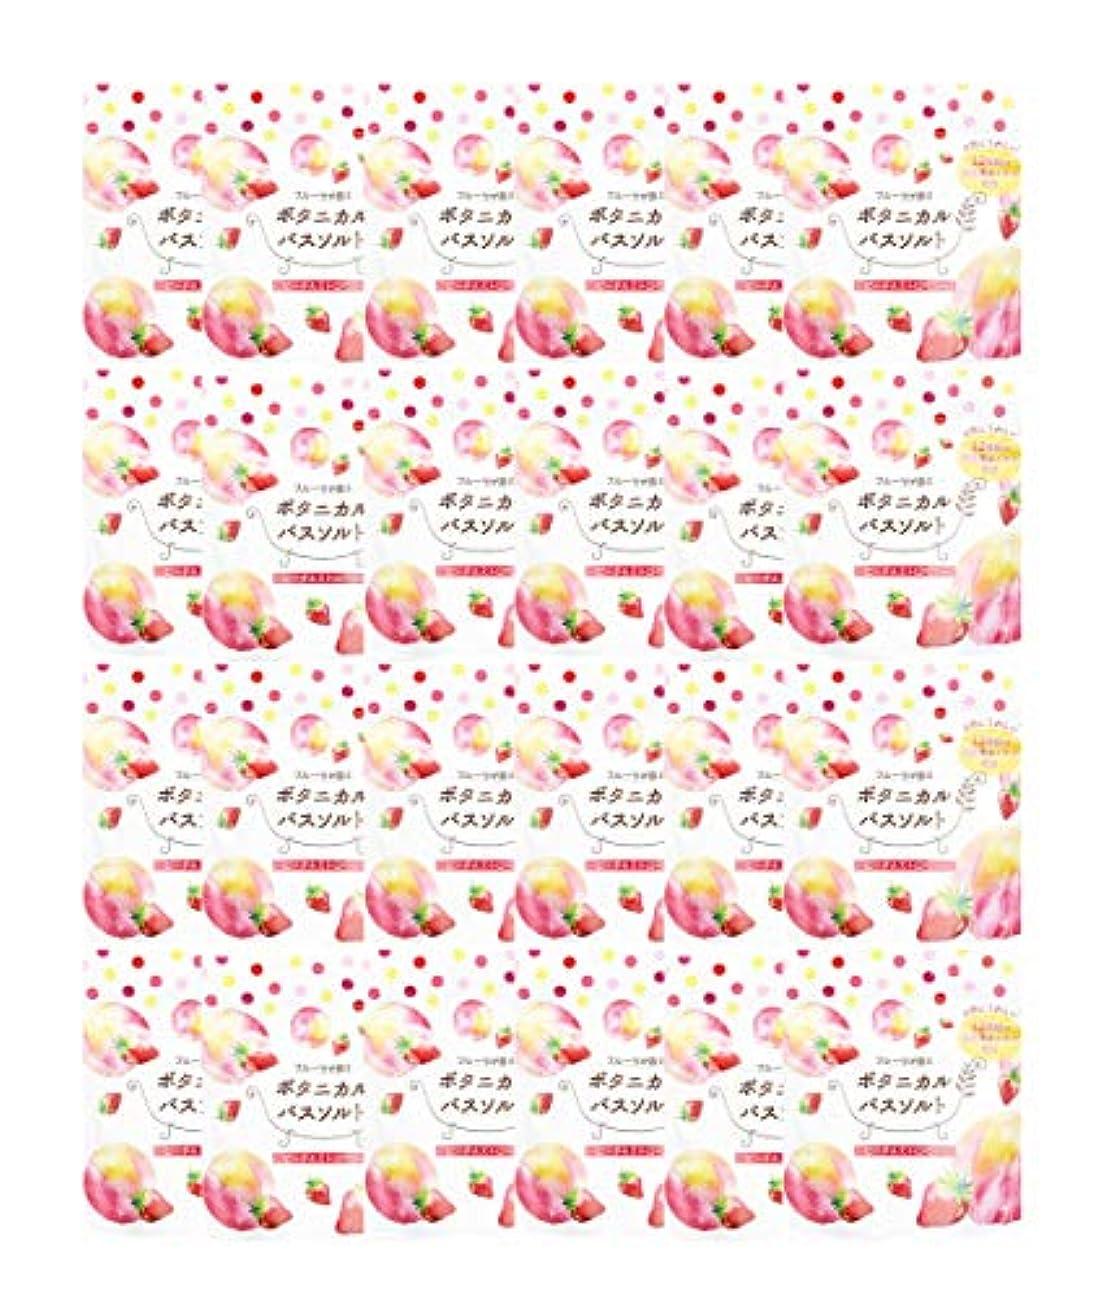 つかの間貧しいニュージーランド松田医薬品 フルーツが香るボタニカルバスソルト ピーチ&ストロベリー 30g 24個セット